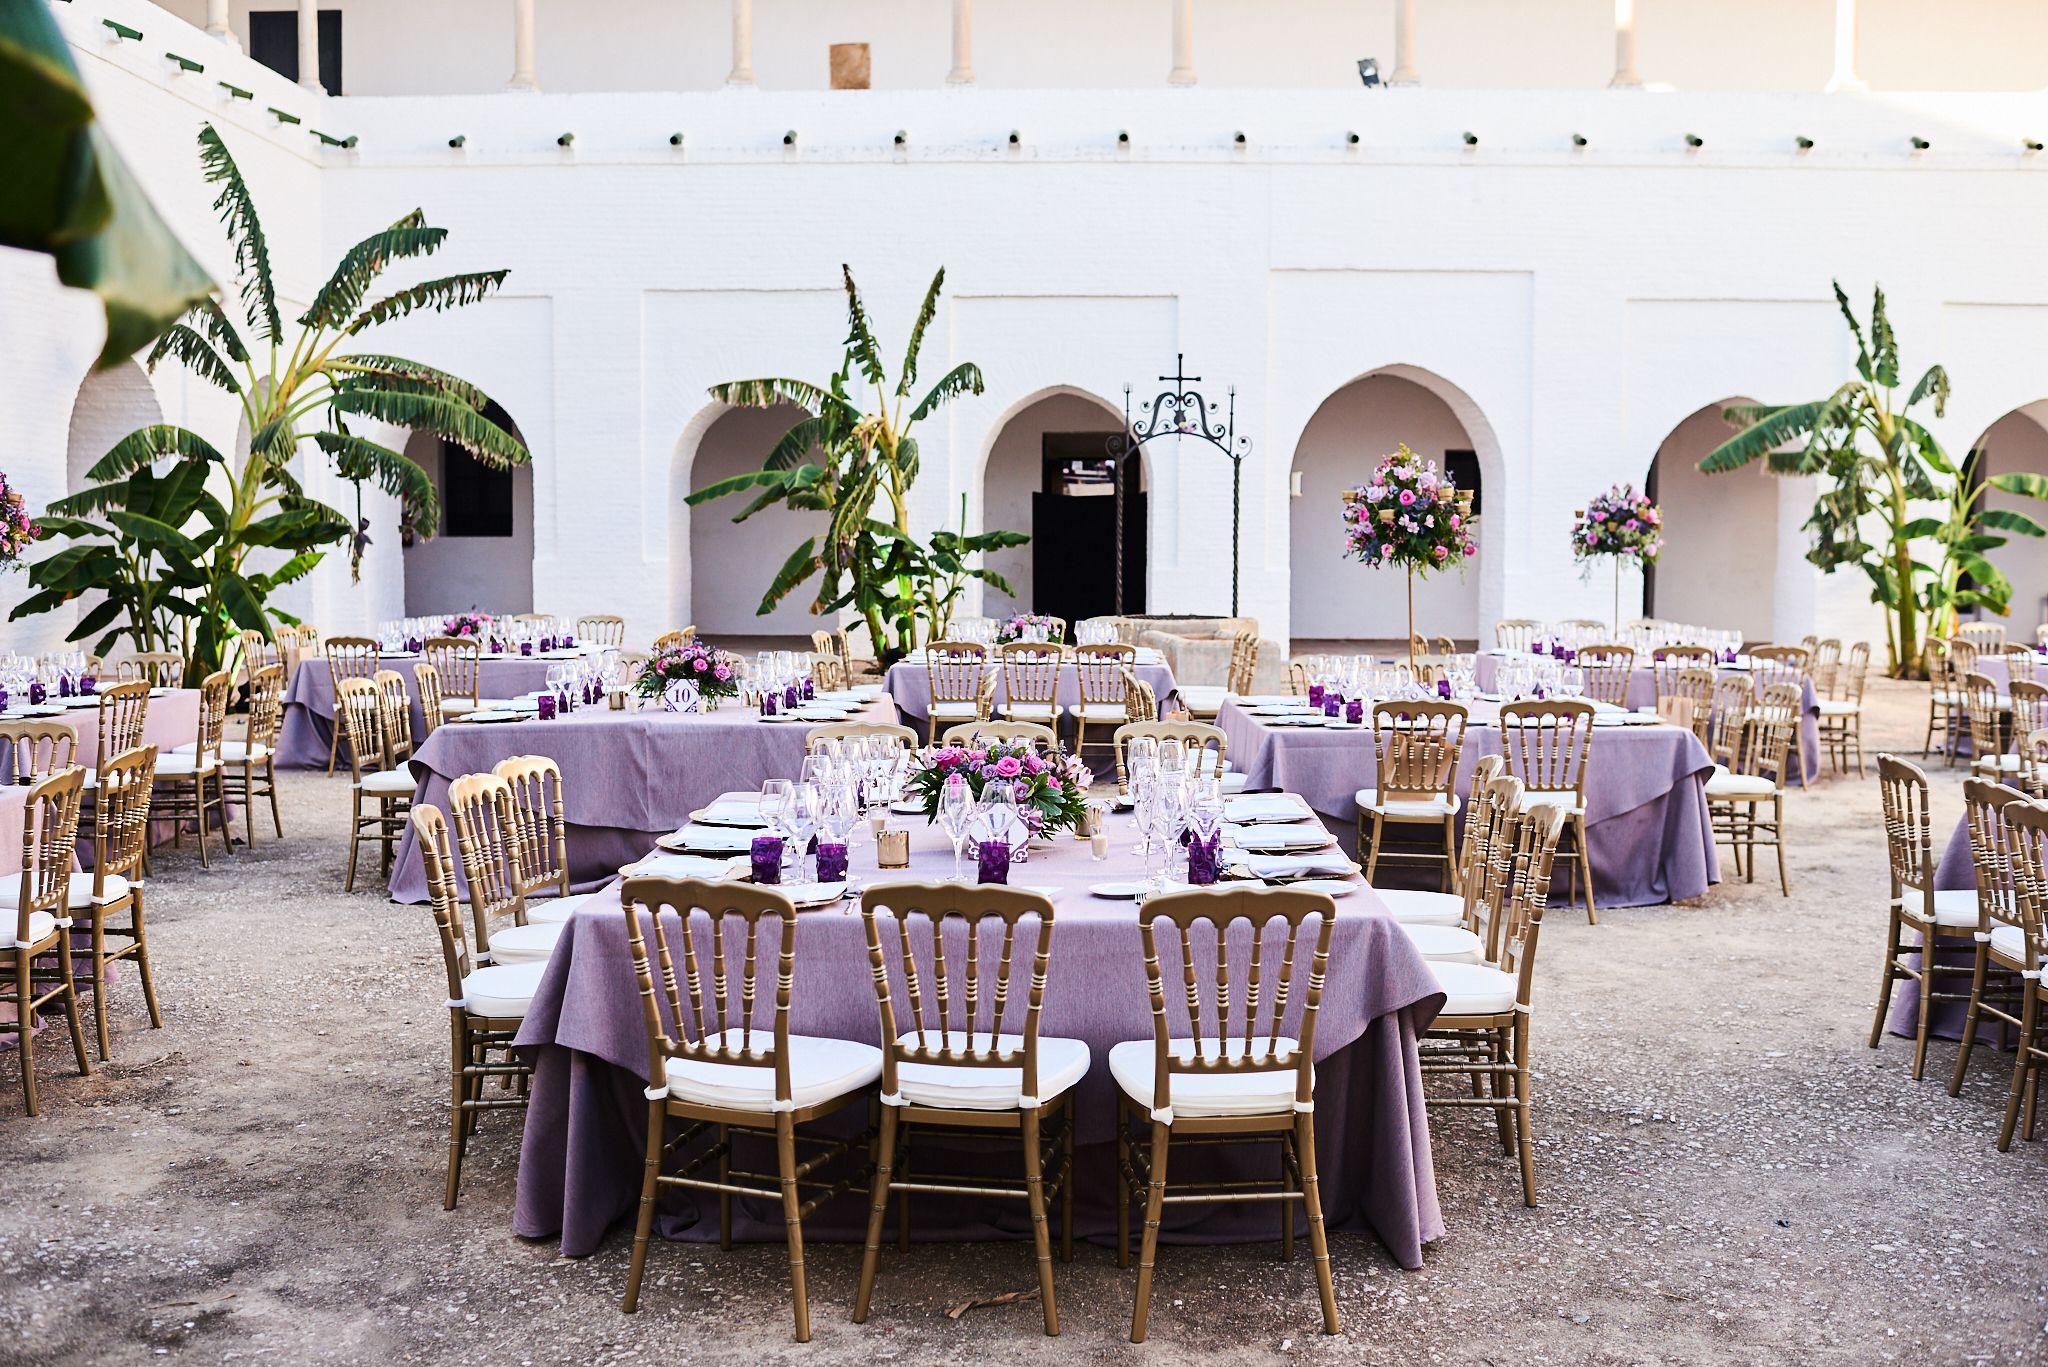 La-22Destination-Wedding22-en-Moguer-de-Lauren-y-JosC3A9-Antonio-JoseAntonio-alejandromarmol1977.jpg